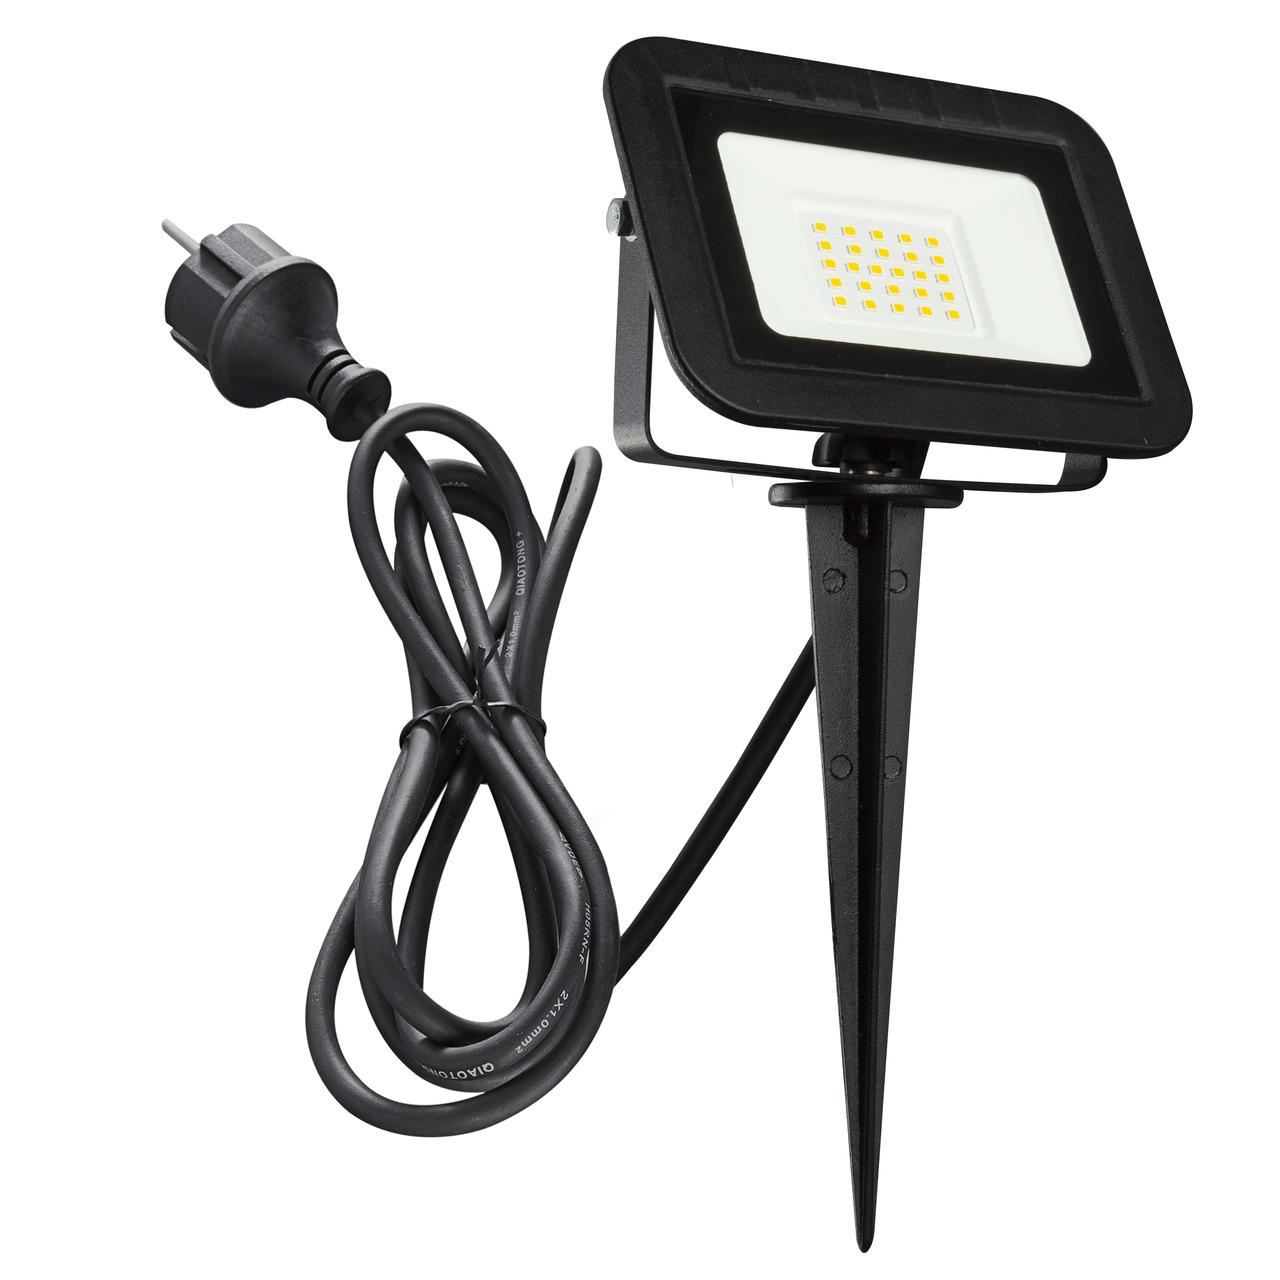 HEITRONIC 20-W-LED-Flutlichtstrahler YORK- mit Erdspiess- Anschlussleitung mit Stecker- IP44- schwarz